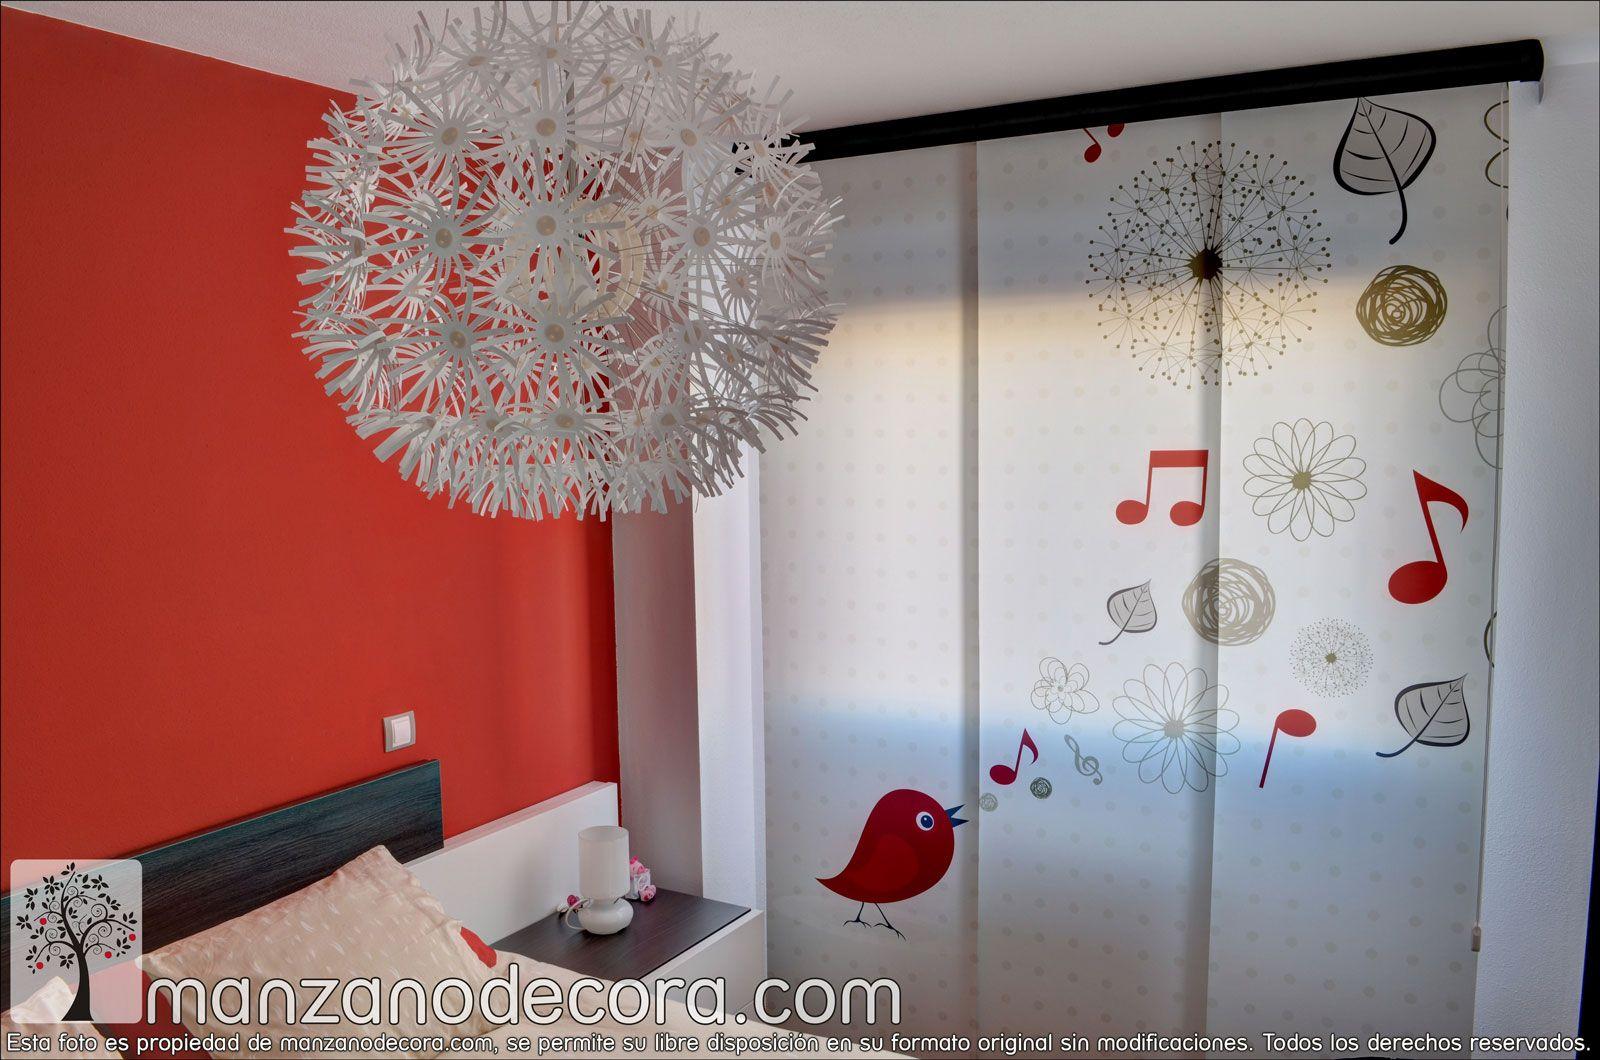 Pin de manzanodecora en paneles japoneses paneles japoneses panel y cortinas - Paneles chinos cortinas ...